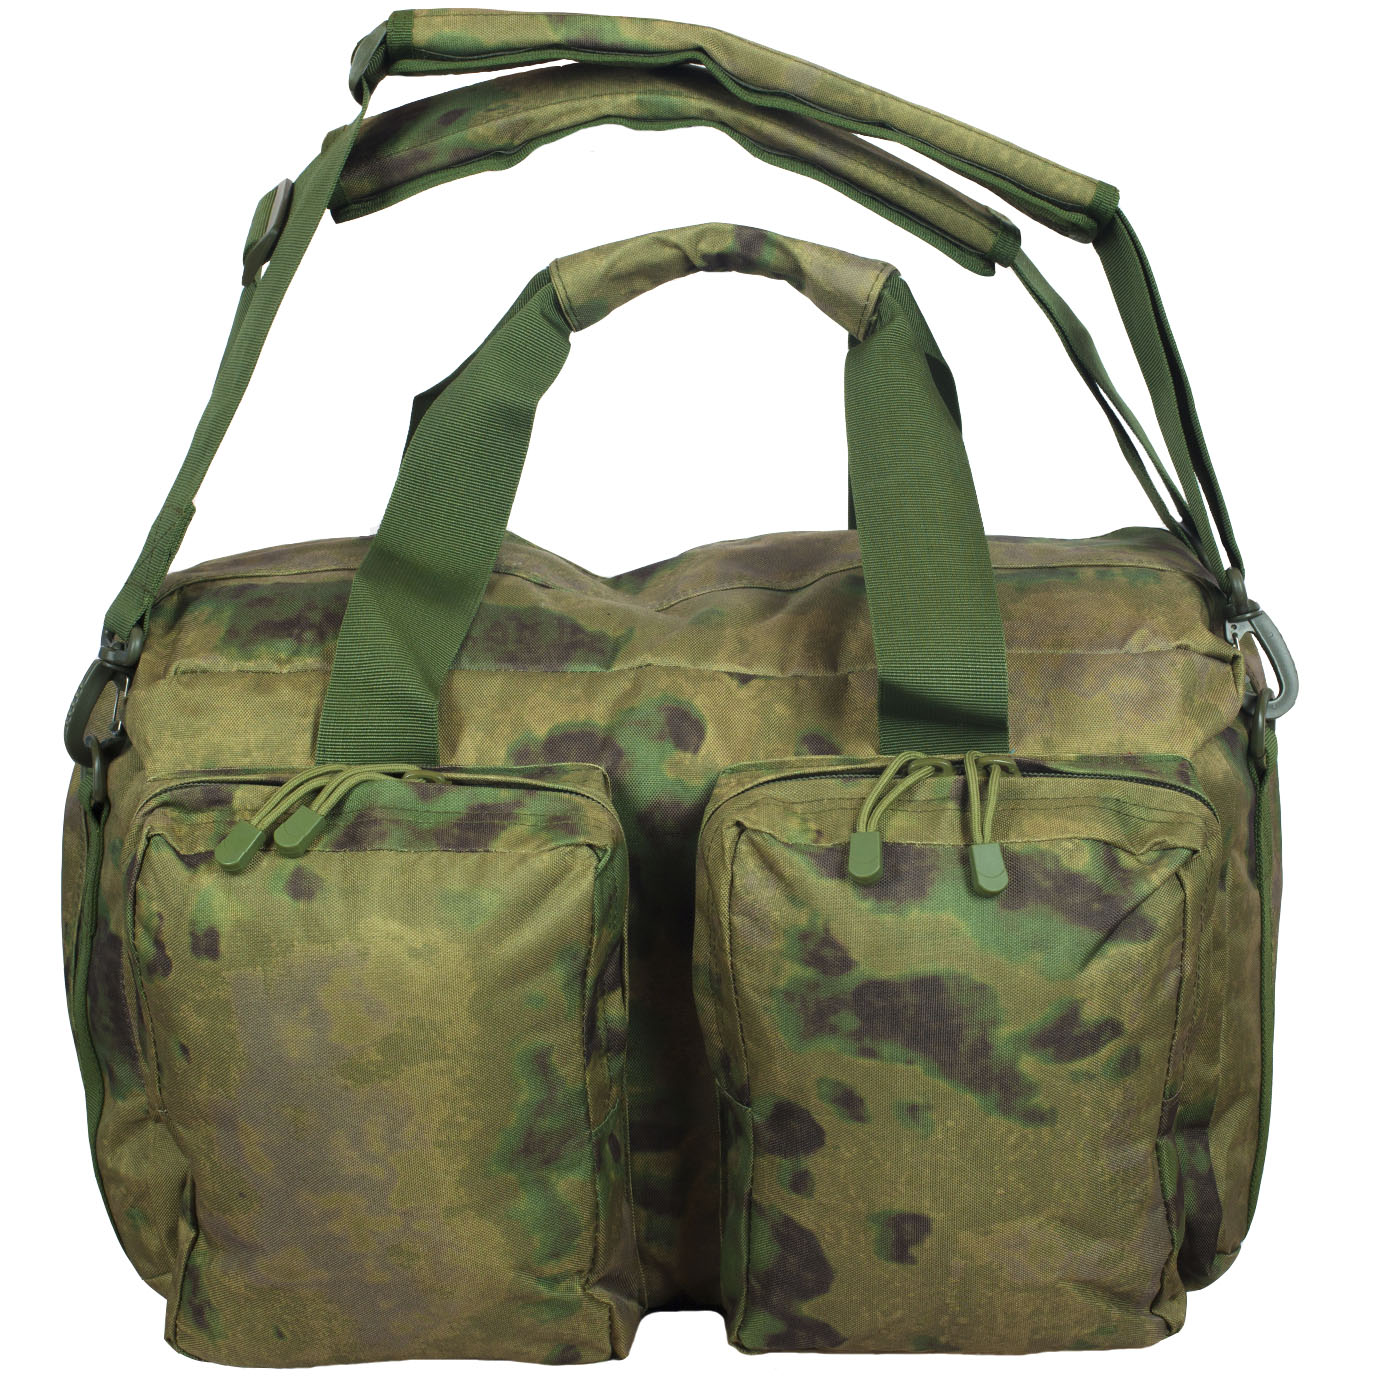 Заплечная камуфляжная сумка с нашивкой Эх, хвост, чешуя - купить в подарок